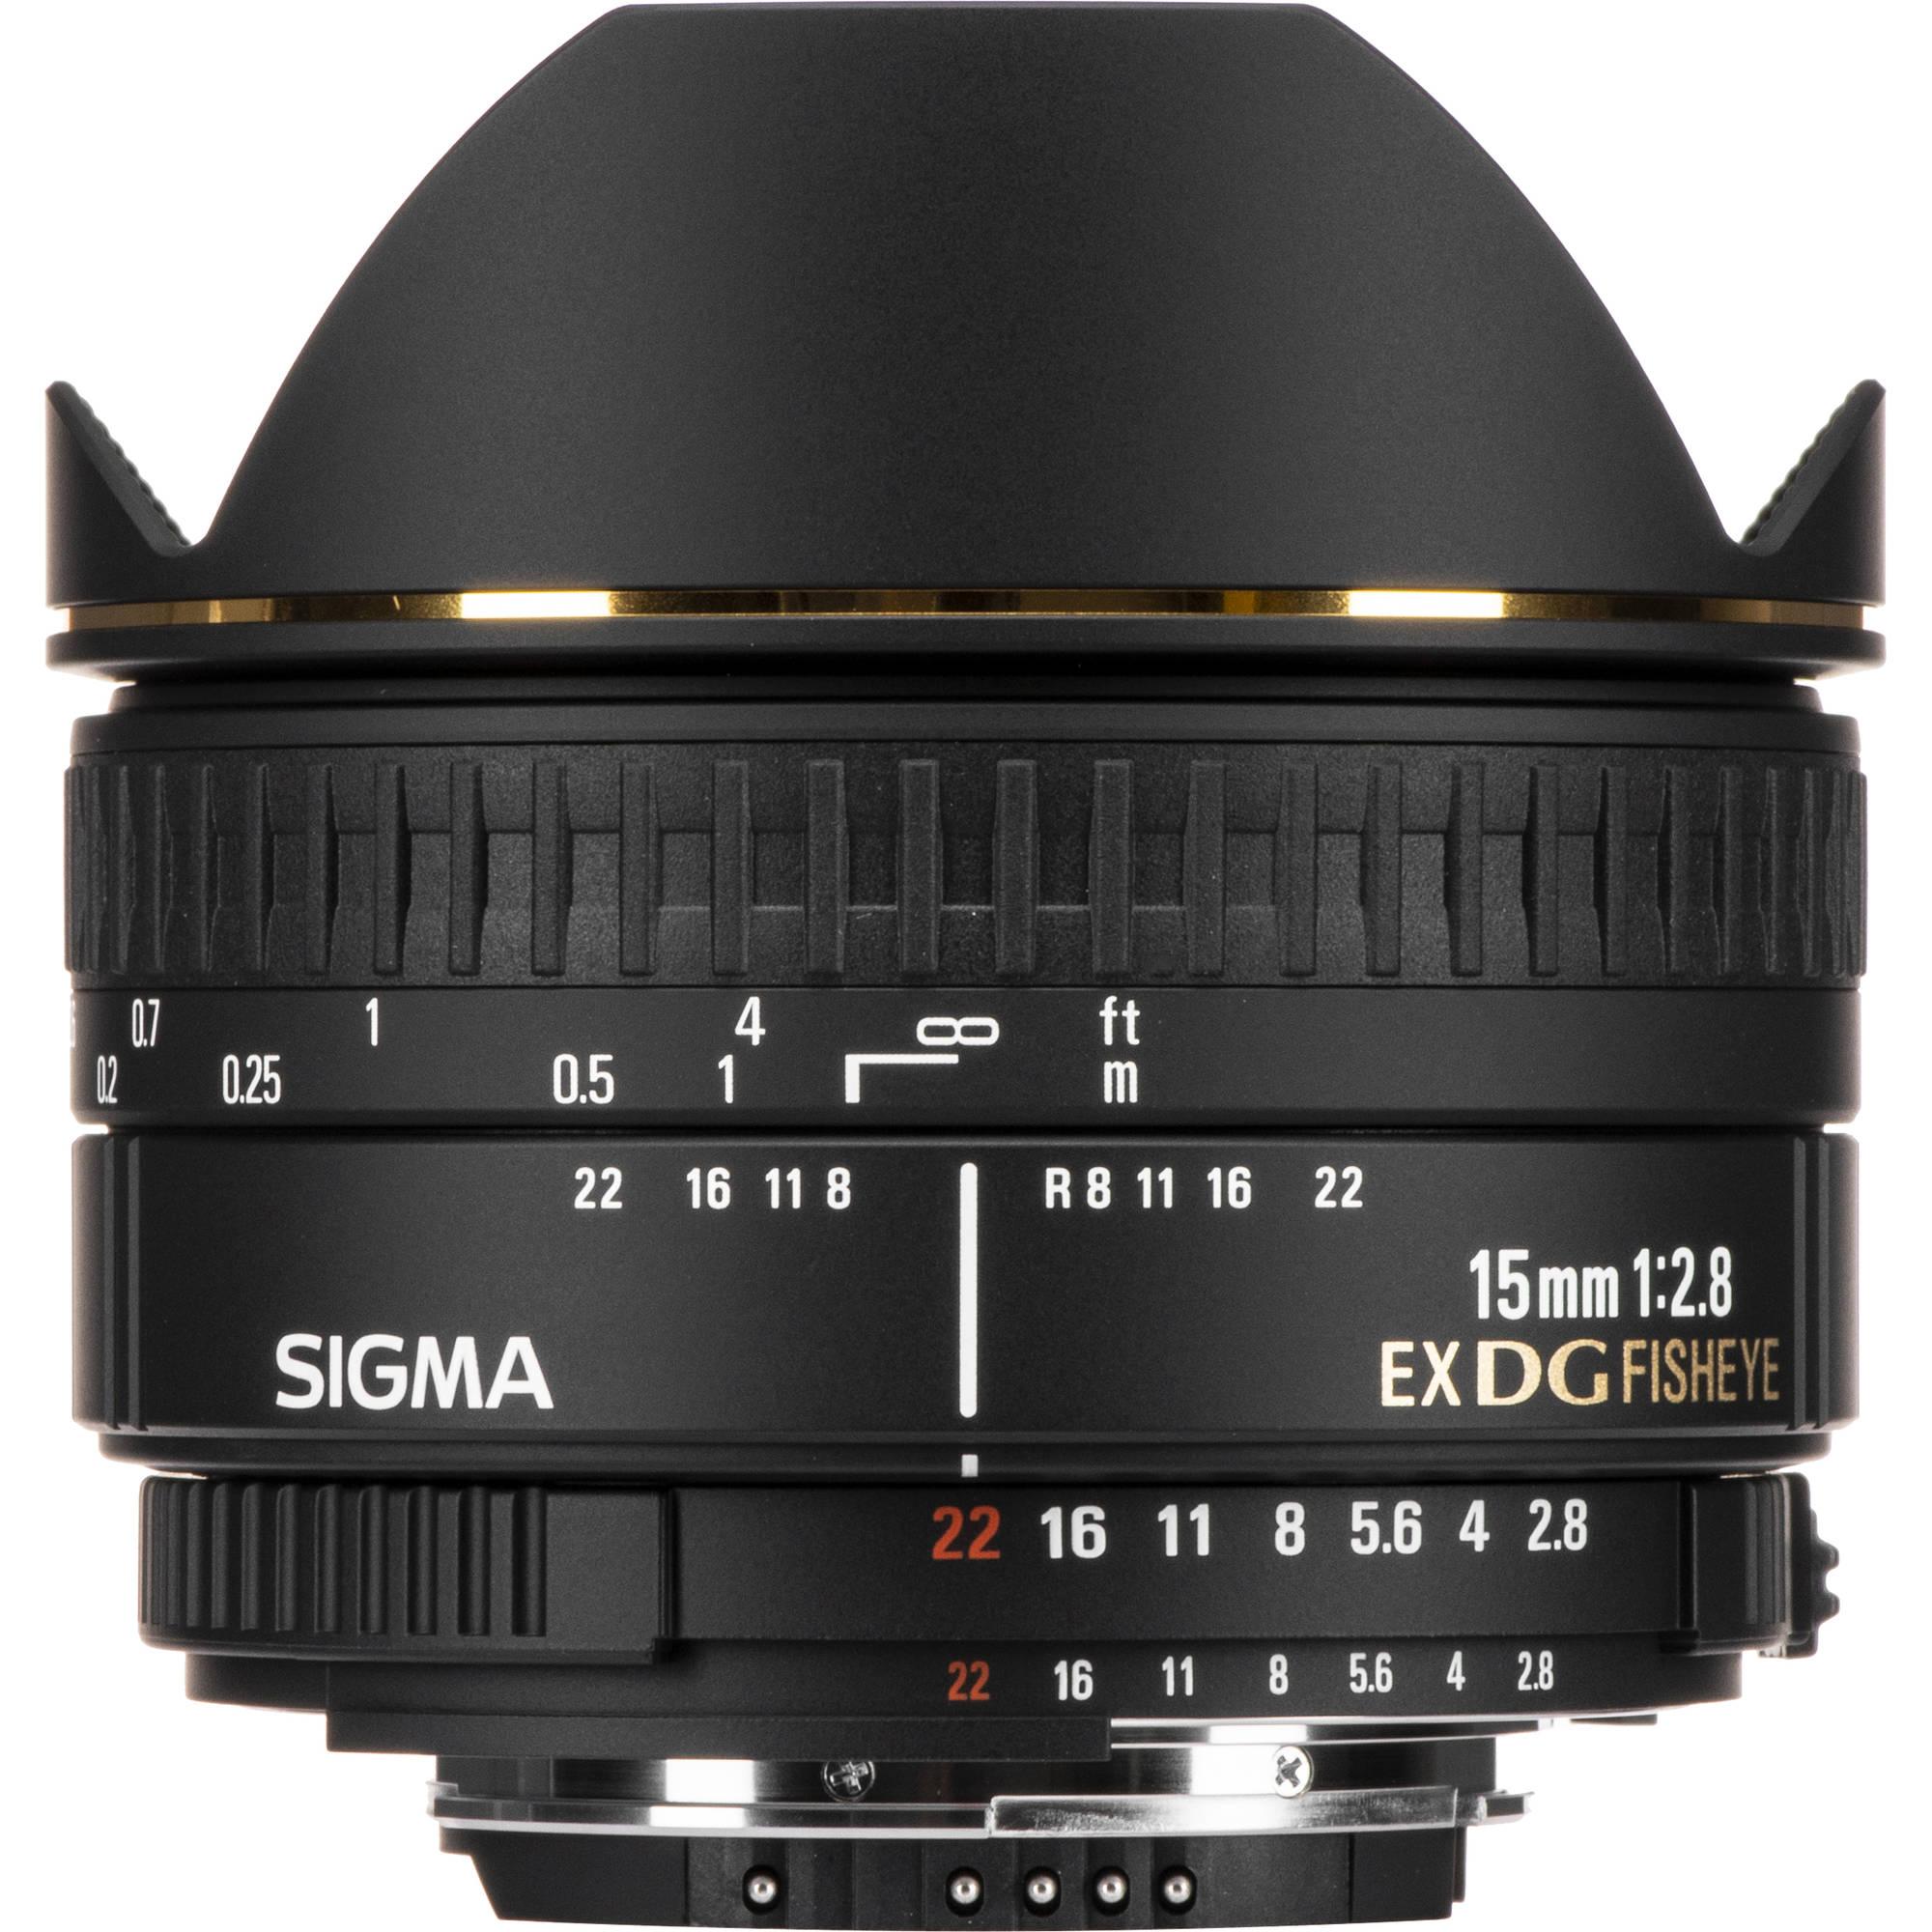 sigma 15mm f2.8 canon a louer bruxelles belgique